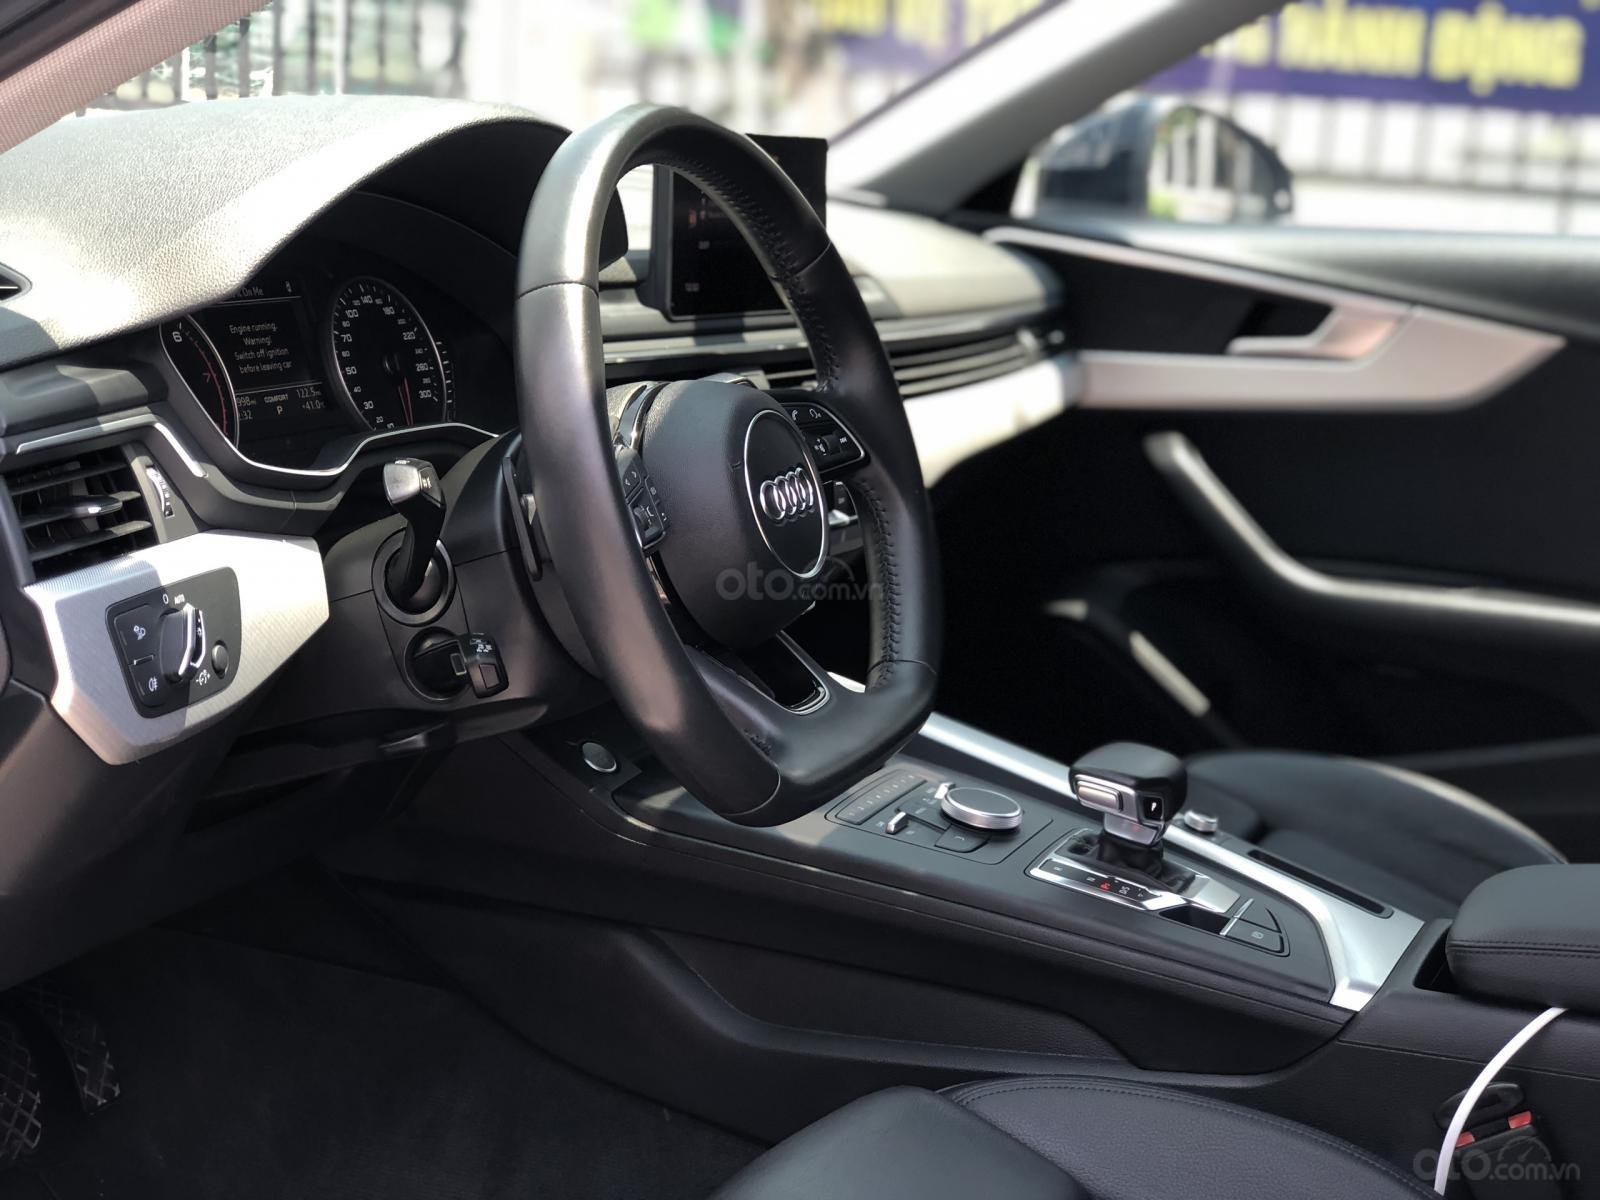 Bán Audi A4 TFSI model 2018, màu đen (11)